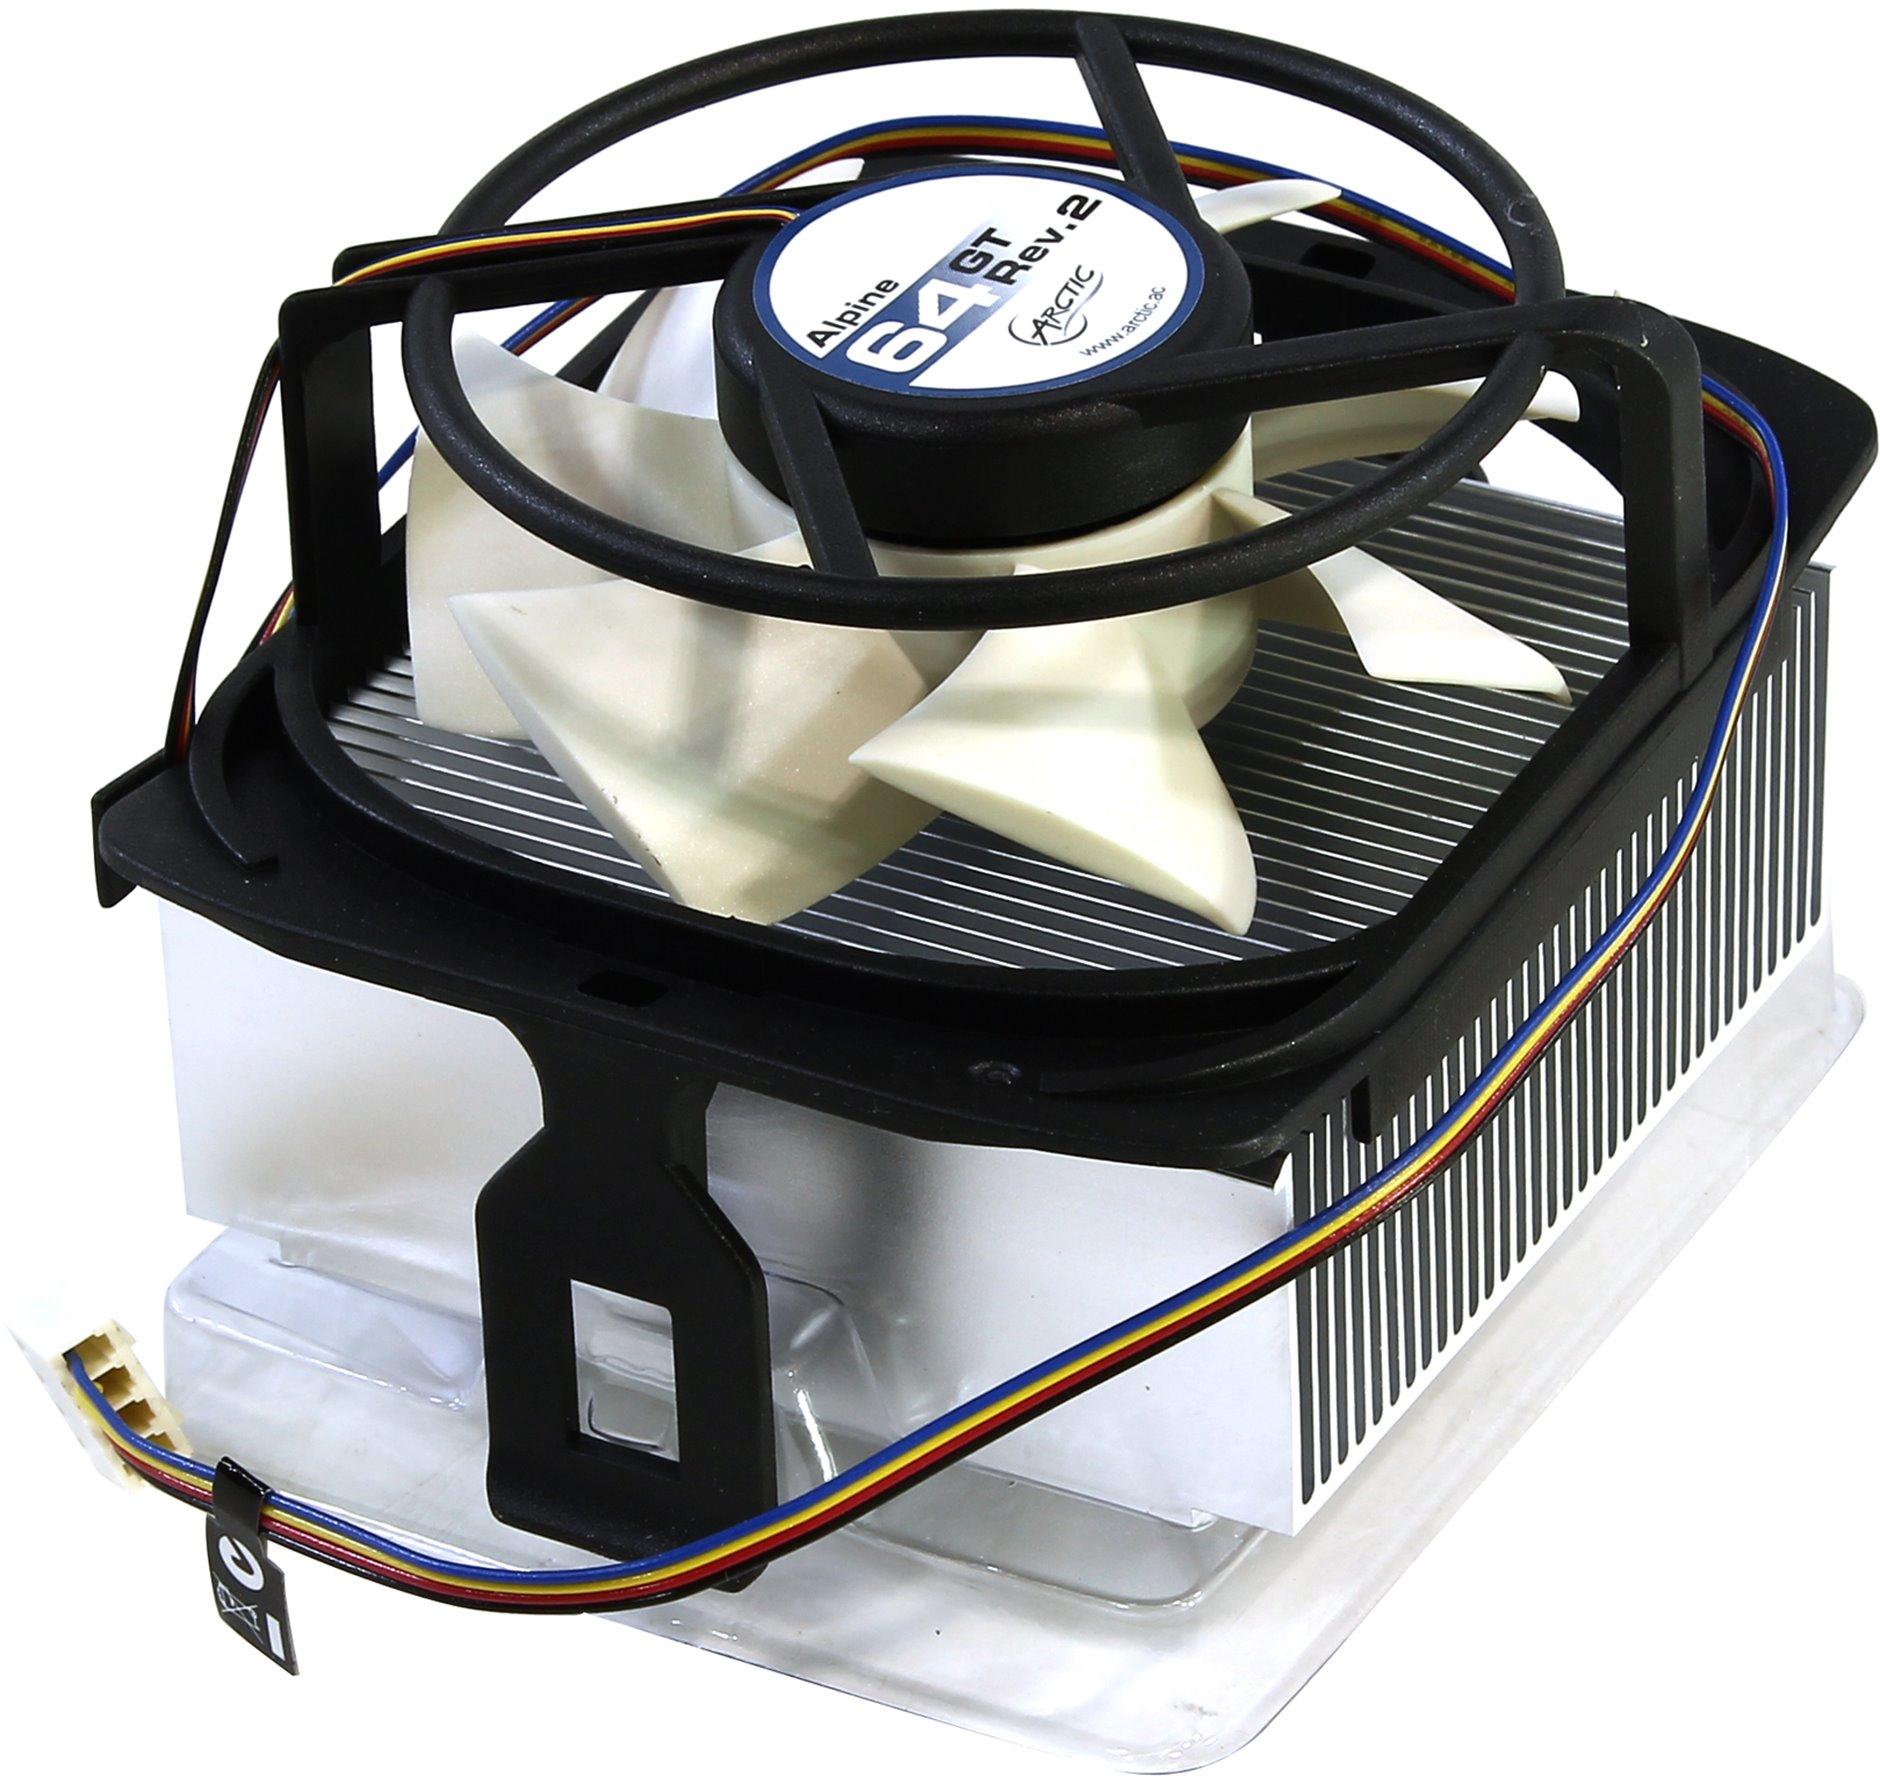 AMD RYZEN CPU Kühler Arctic Alpine 64 GT Rev.2 bis 70W TDP für 6,95 inkl. Versand & MX-2 Paste @AmazonPrime